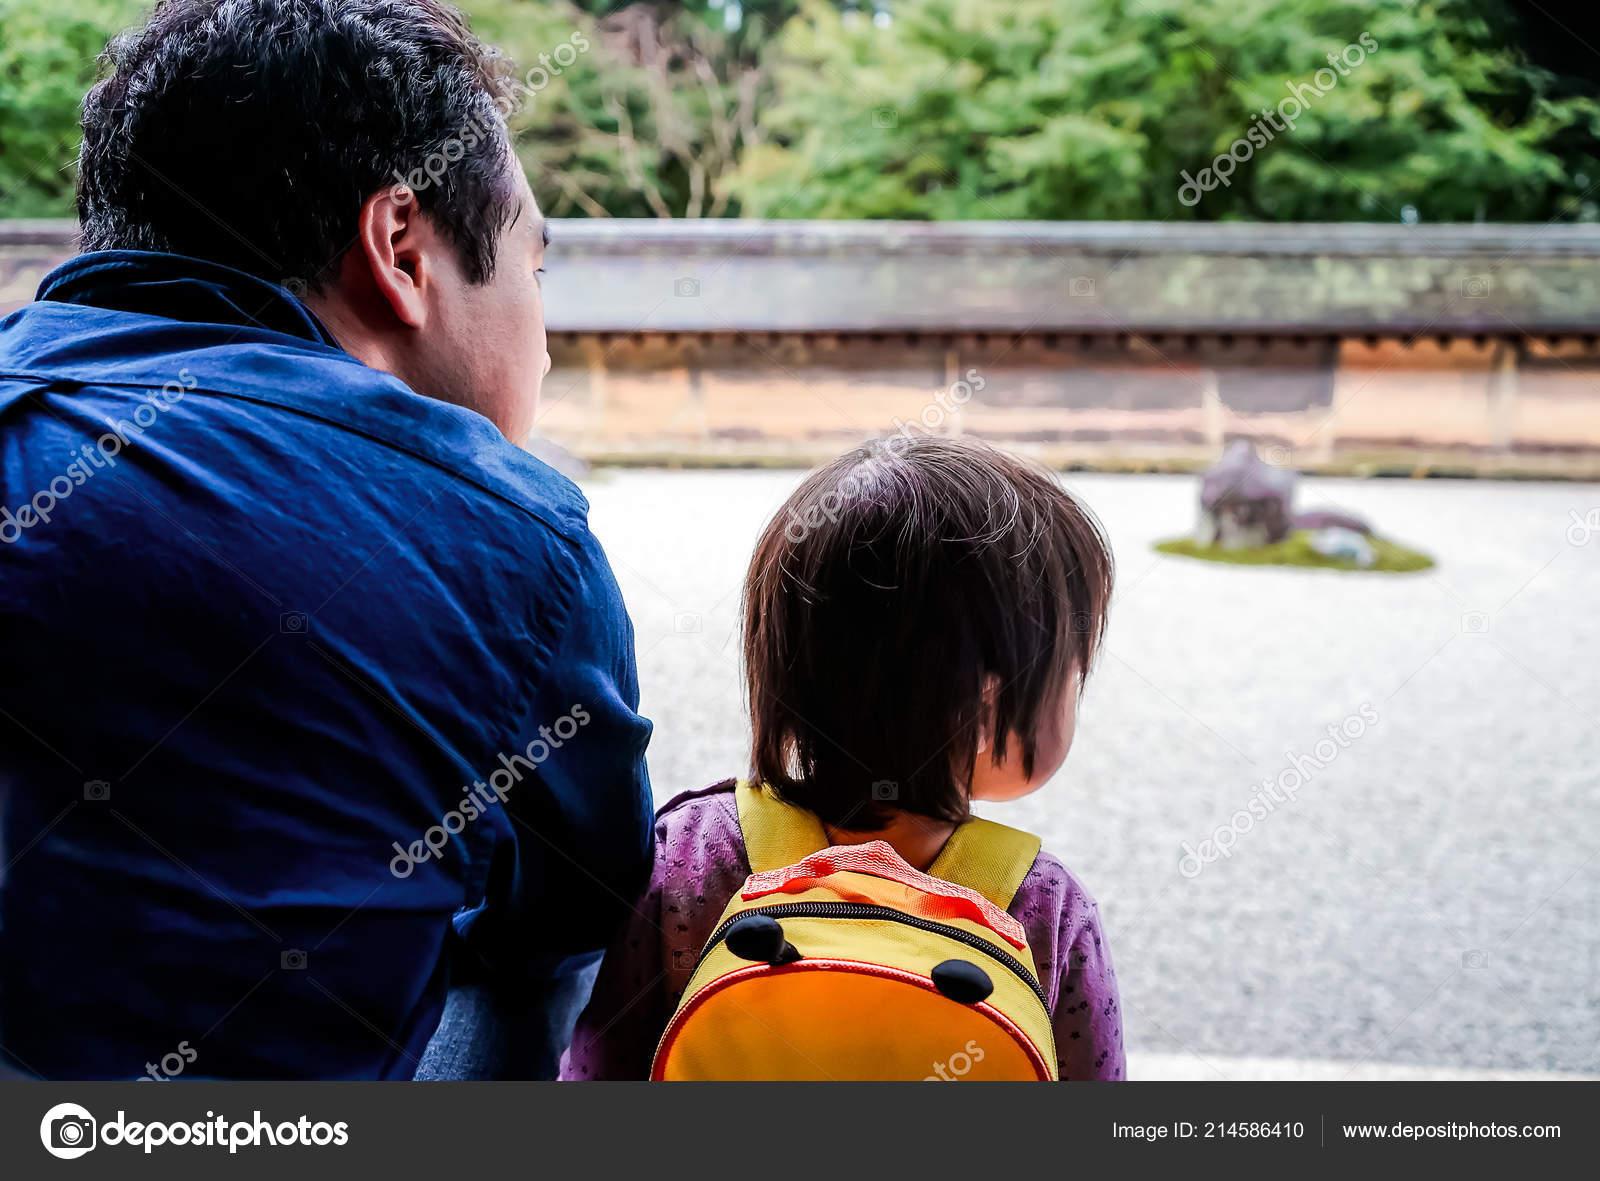 Японские шоу отец и дочь онлайн, Японское порно шоу отец должен отгадать дочь 24 фотография